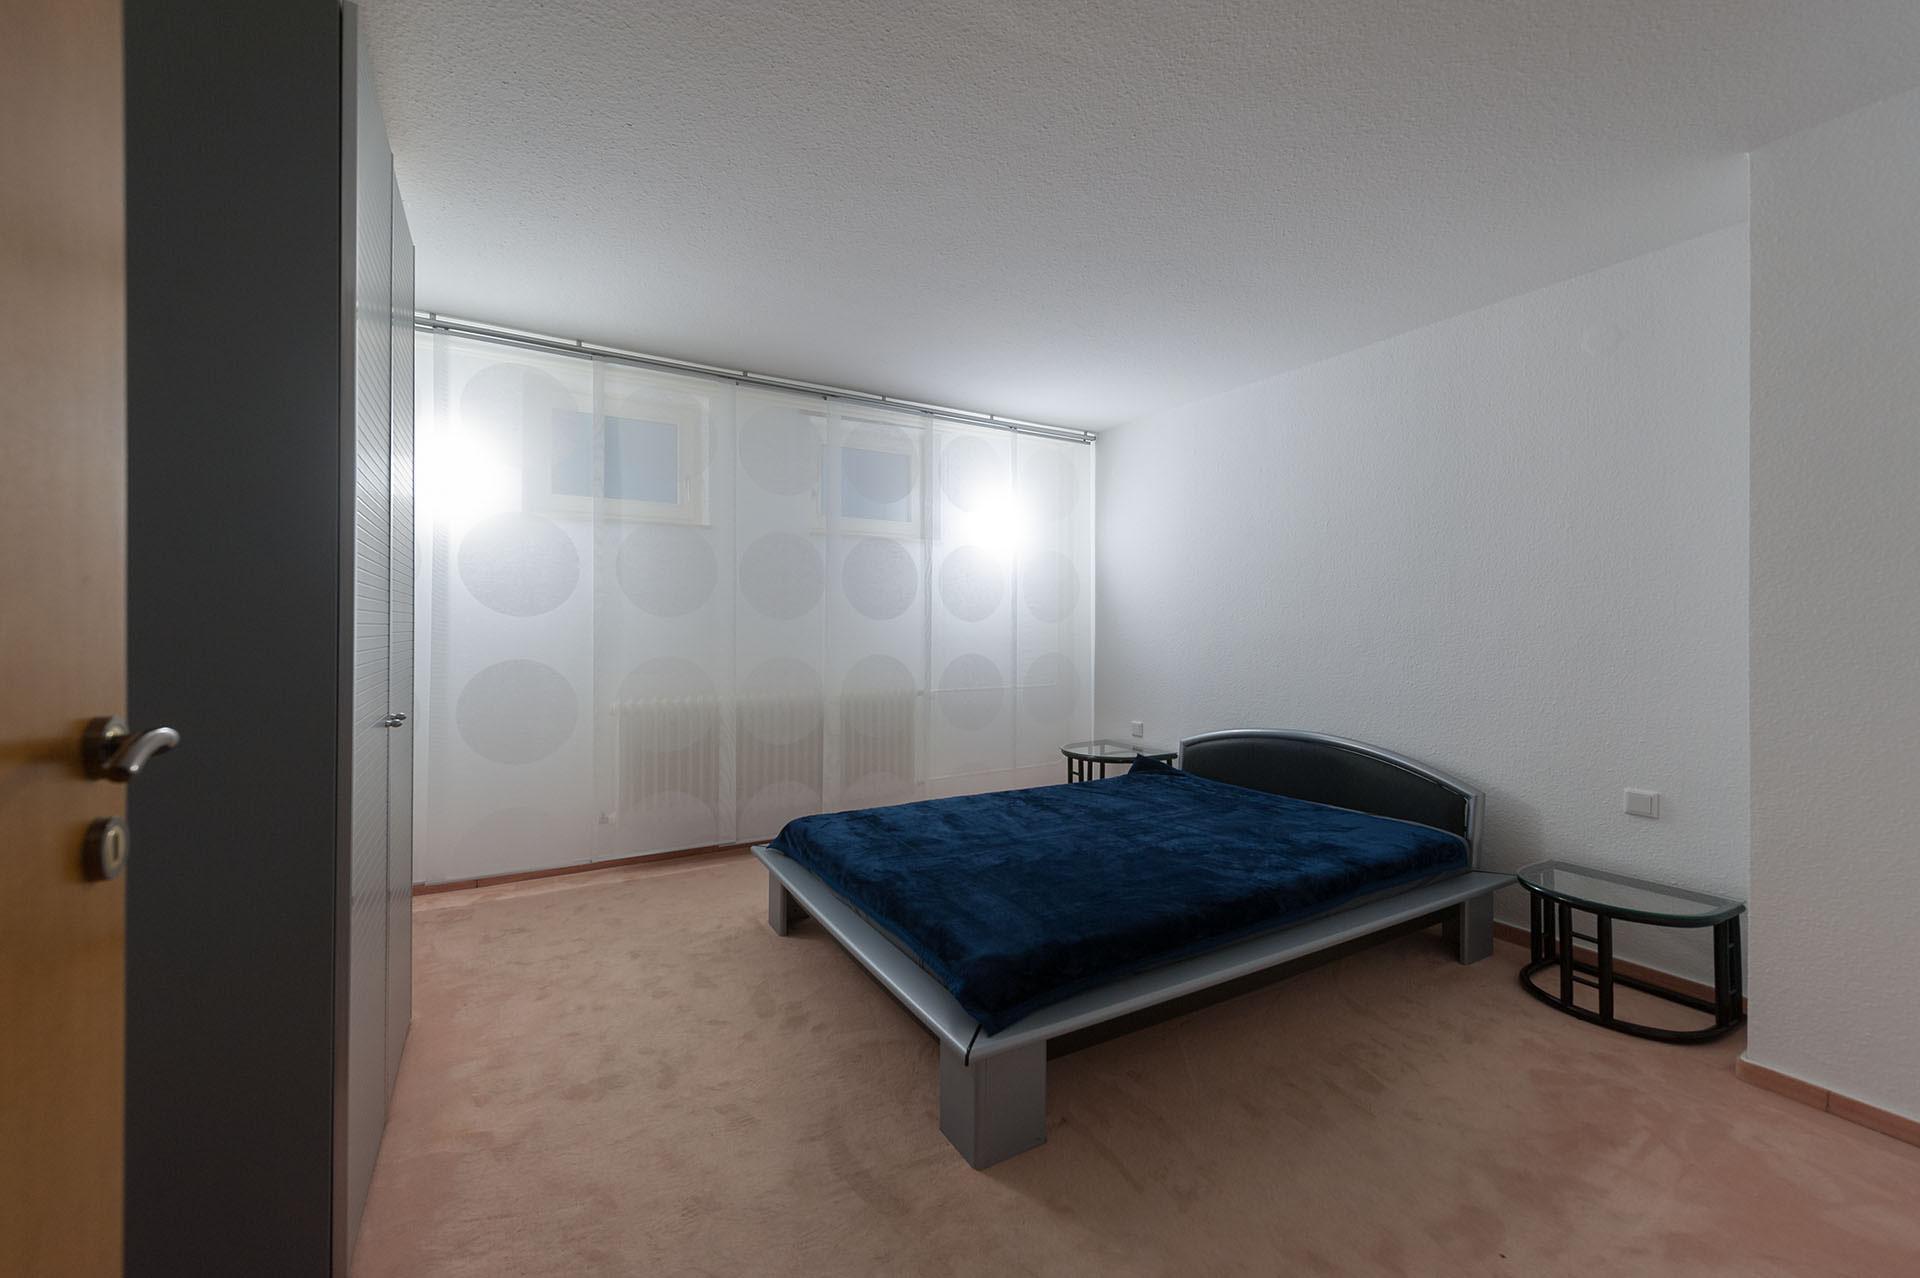 Immobilienfoto: Blick In Das Schlafzimmer Mit Parkett Boden